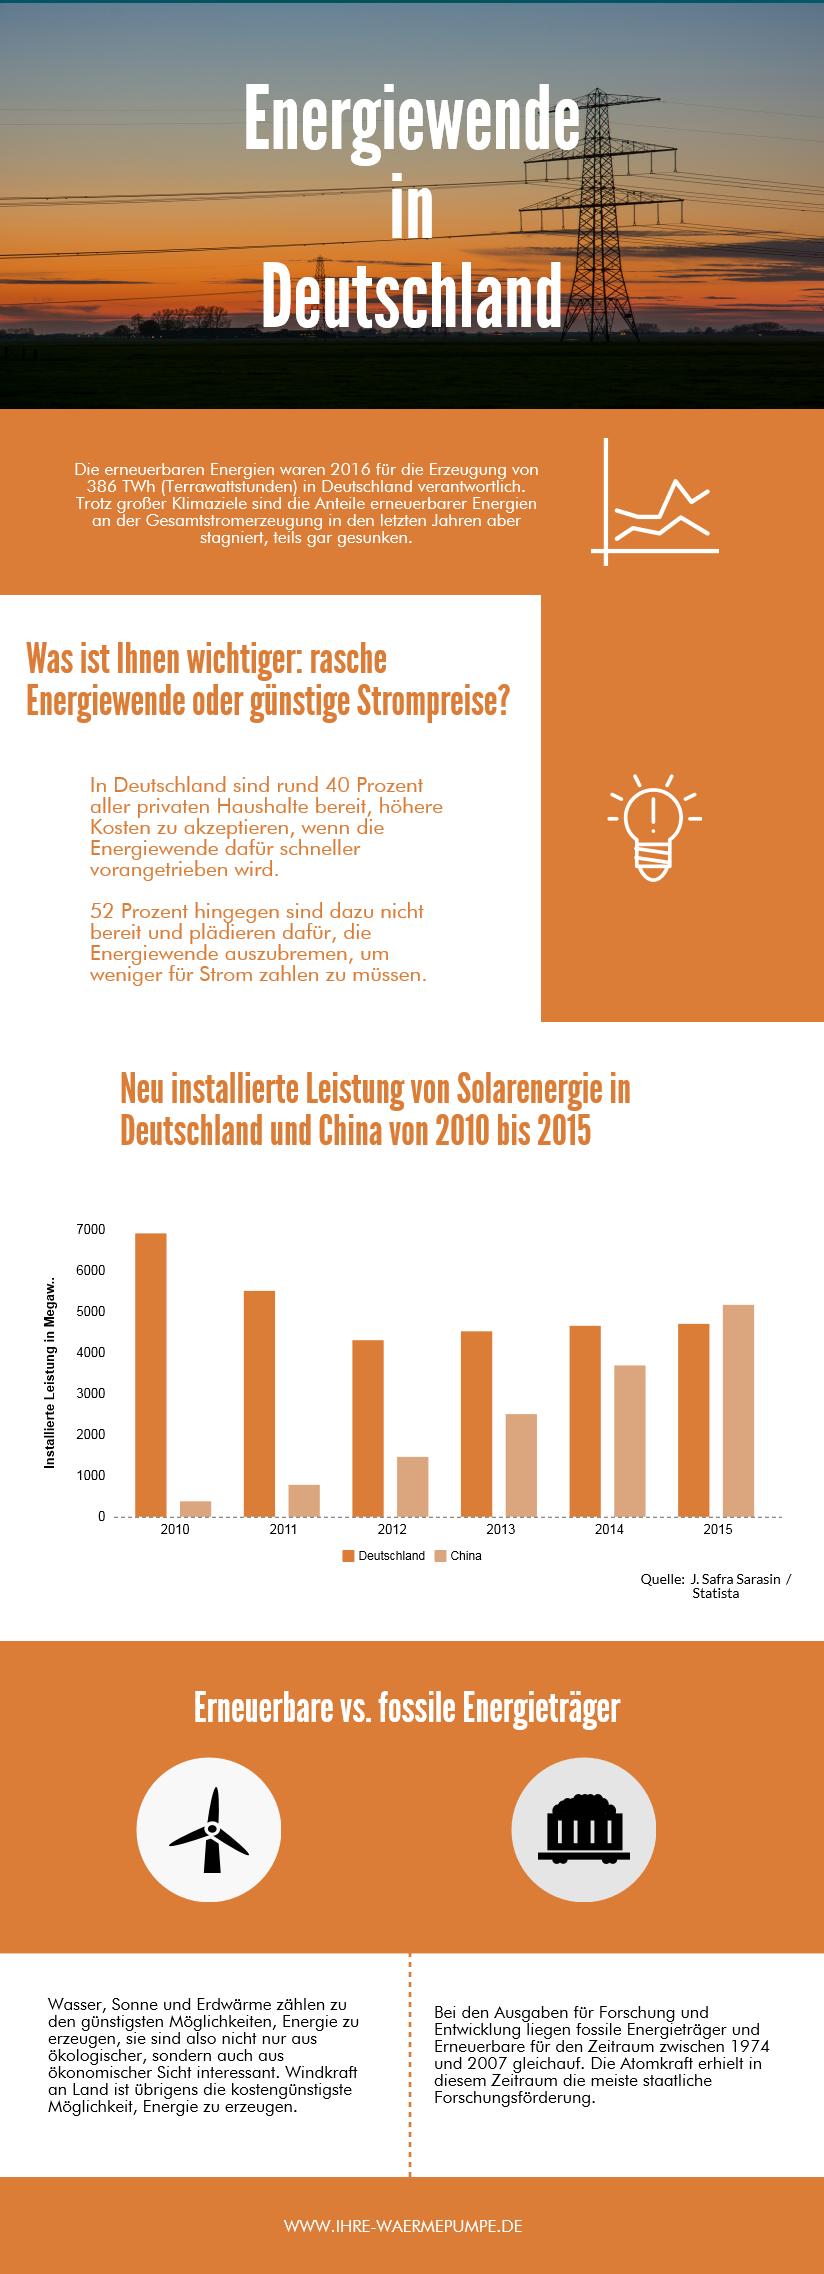 Infografik über erneuerbare Energien in Deutschland